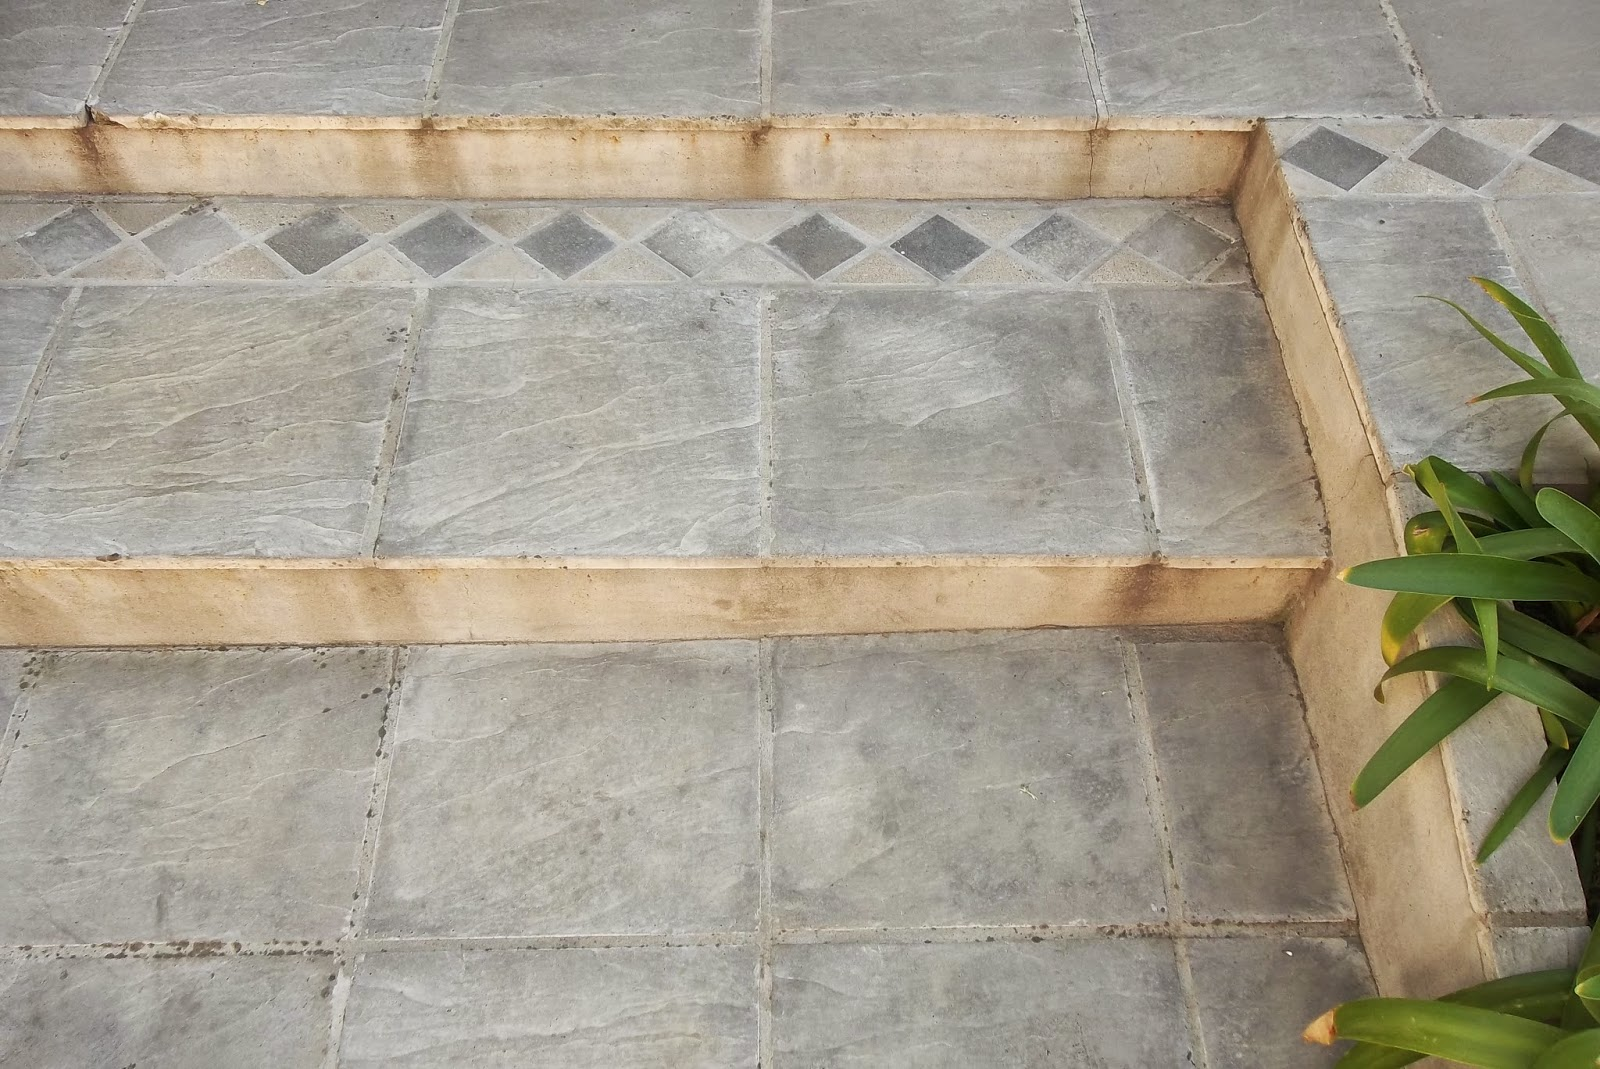 Premoldeados el muro baldosas y pisos for Precio de baldosas para patio